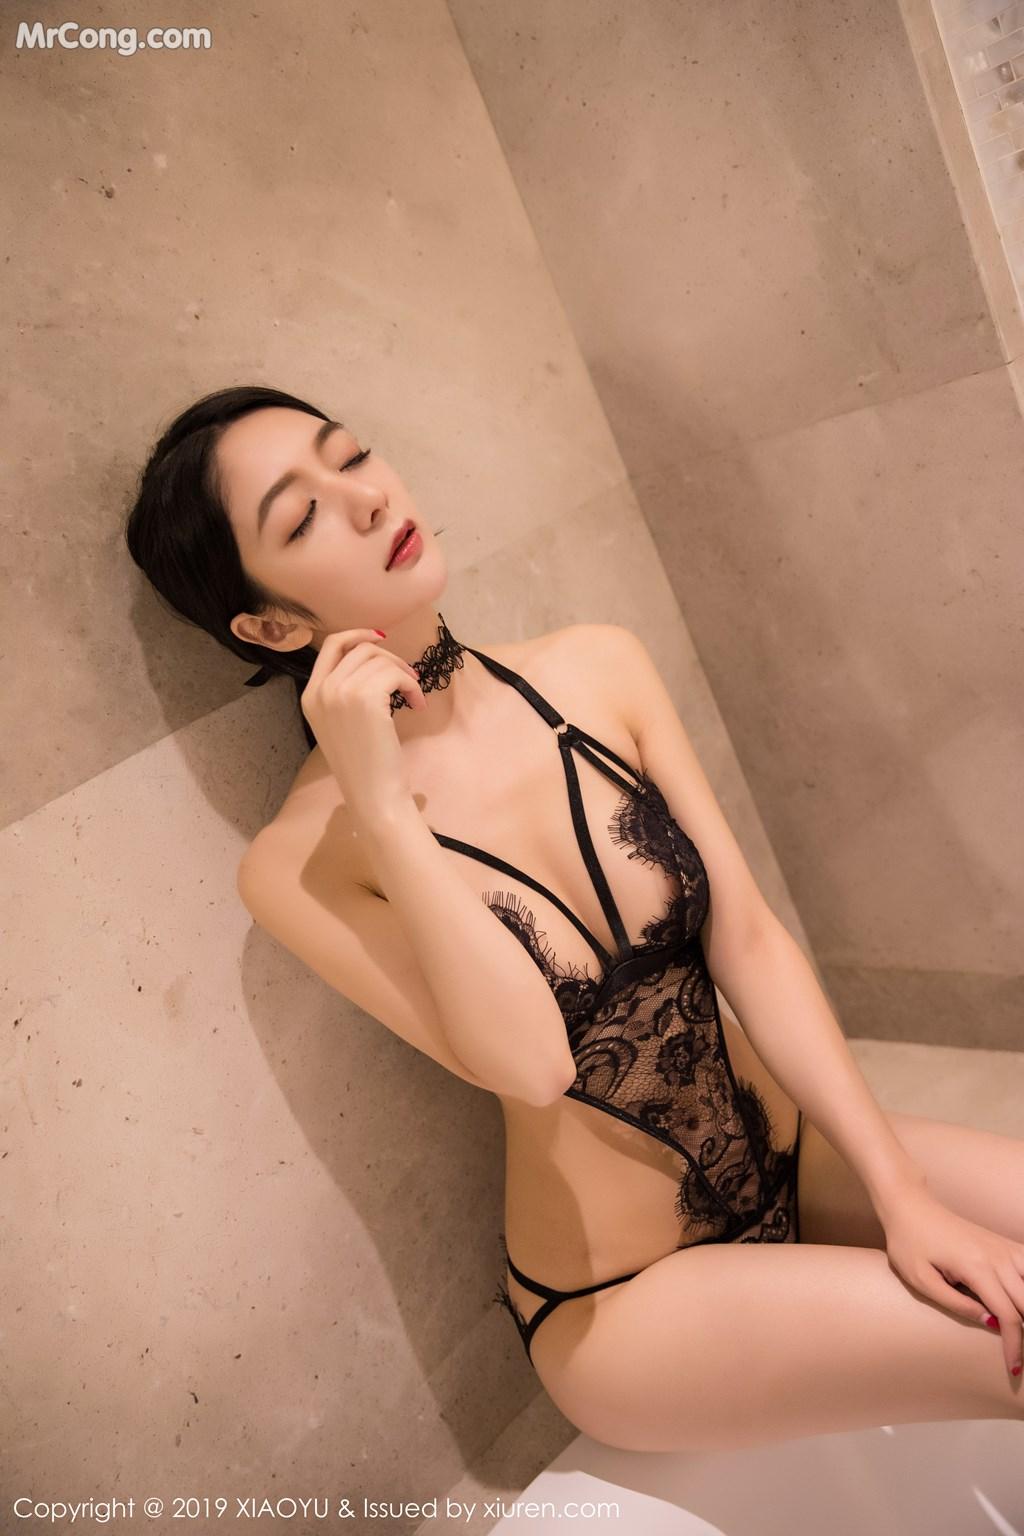 Image XiaoYu-Vol.041-Xiao-Reba-Angela-MrCong.com-039 in post XiaoYu Vol.041: Xiao Reba (Angela喜欢猫) (43 ảnh)